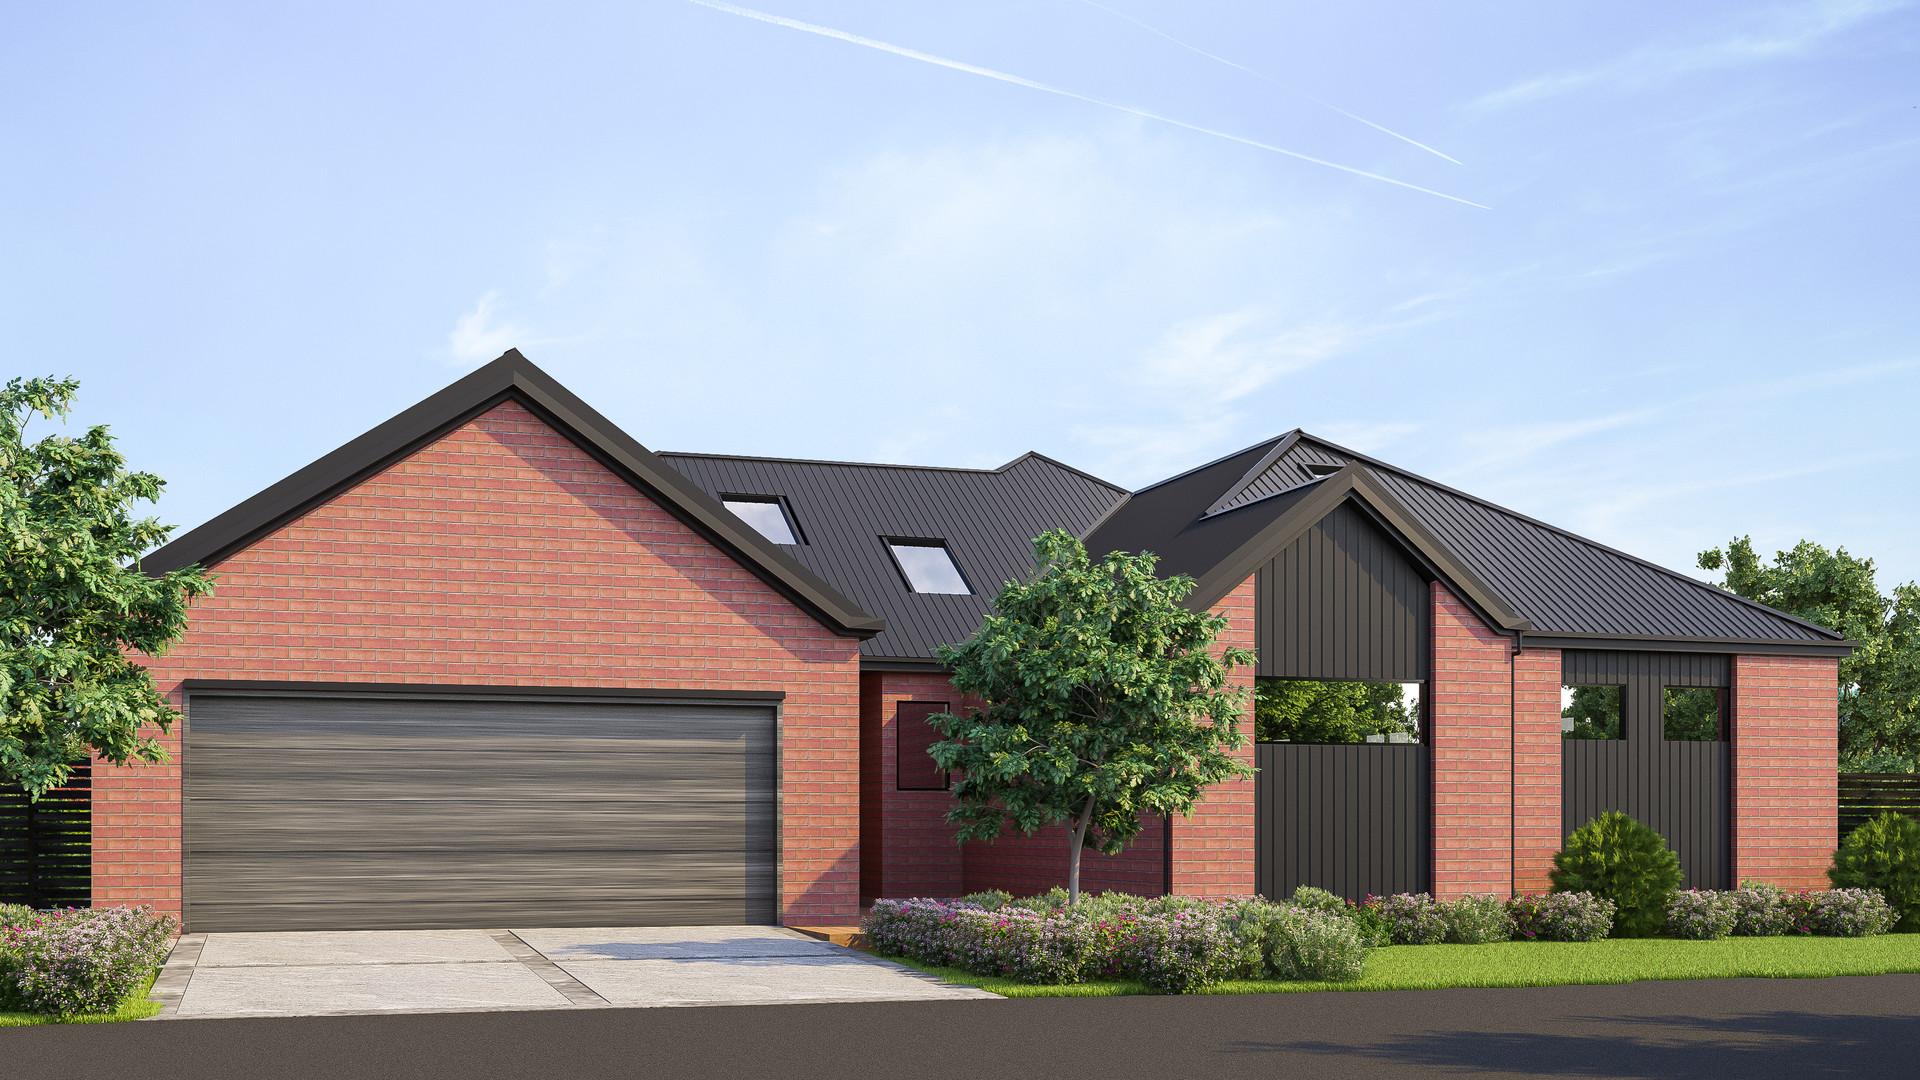 The Ellesmere front render